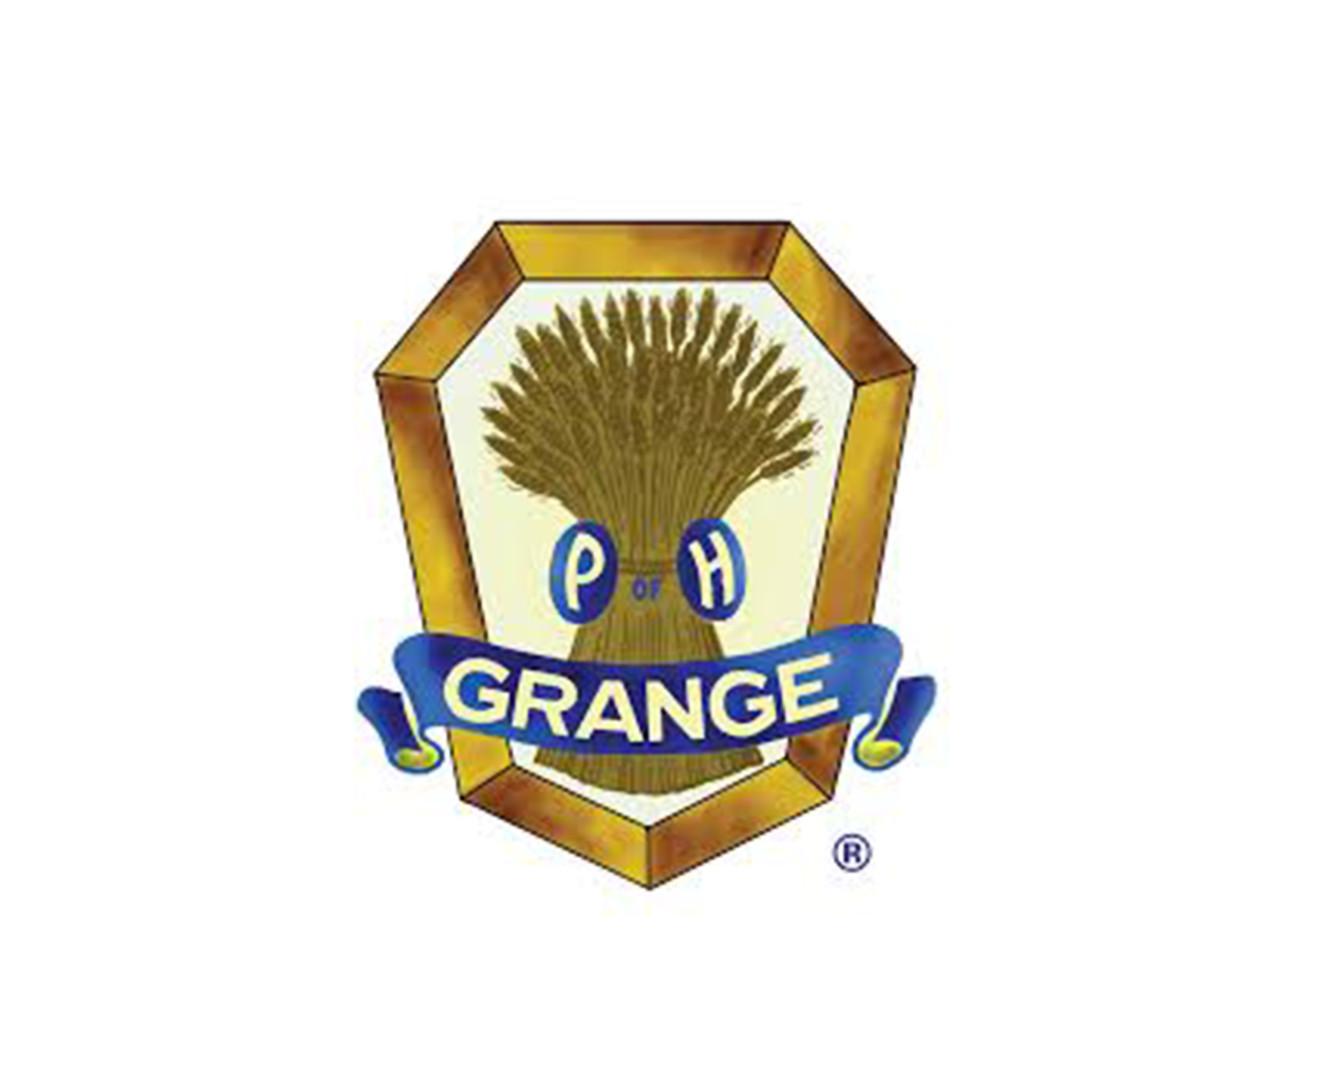 Grange Logo Before Re-Branding